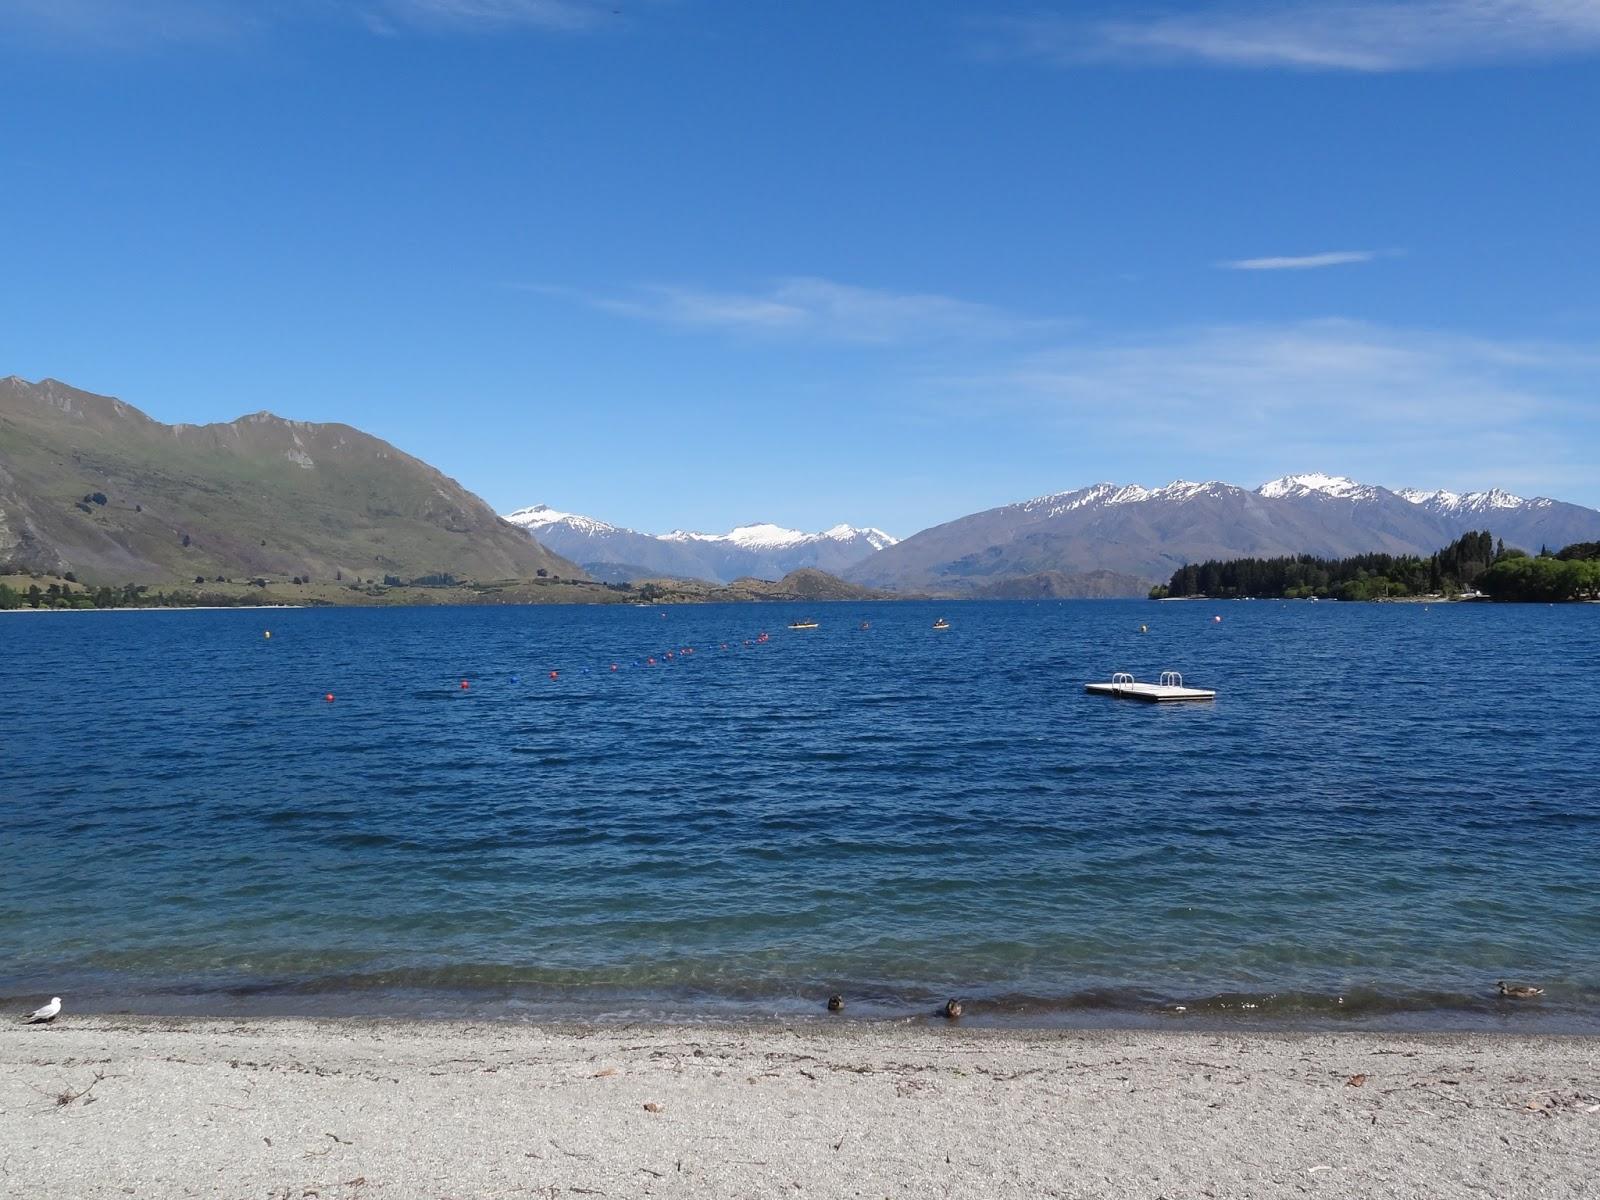 Lake Wanaka from Wanaka